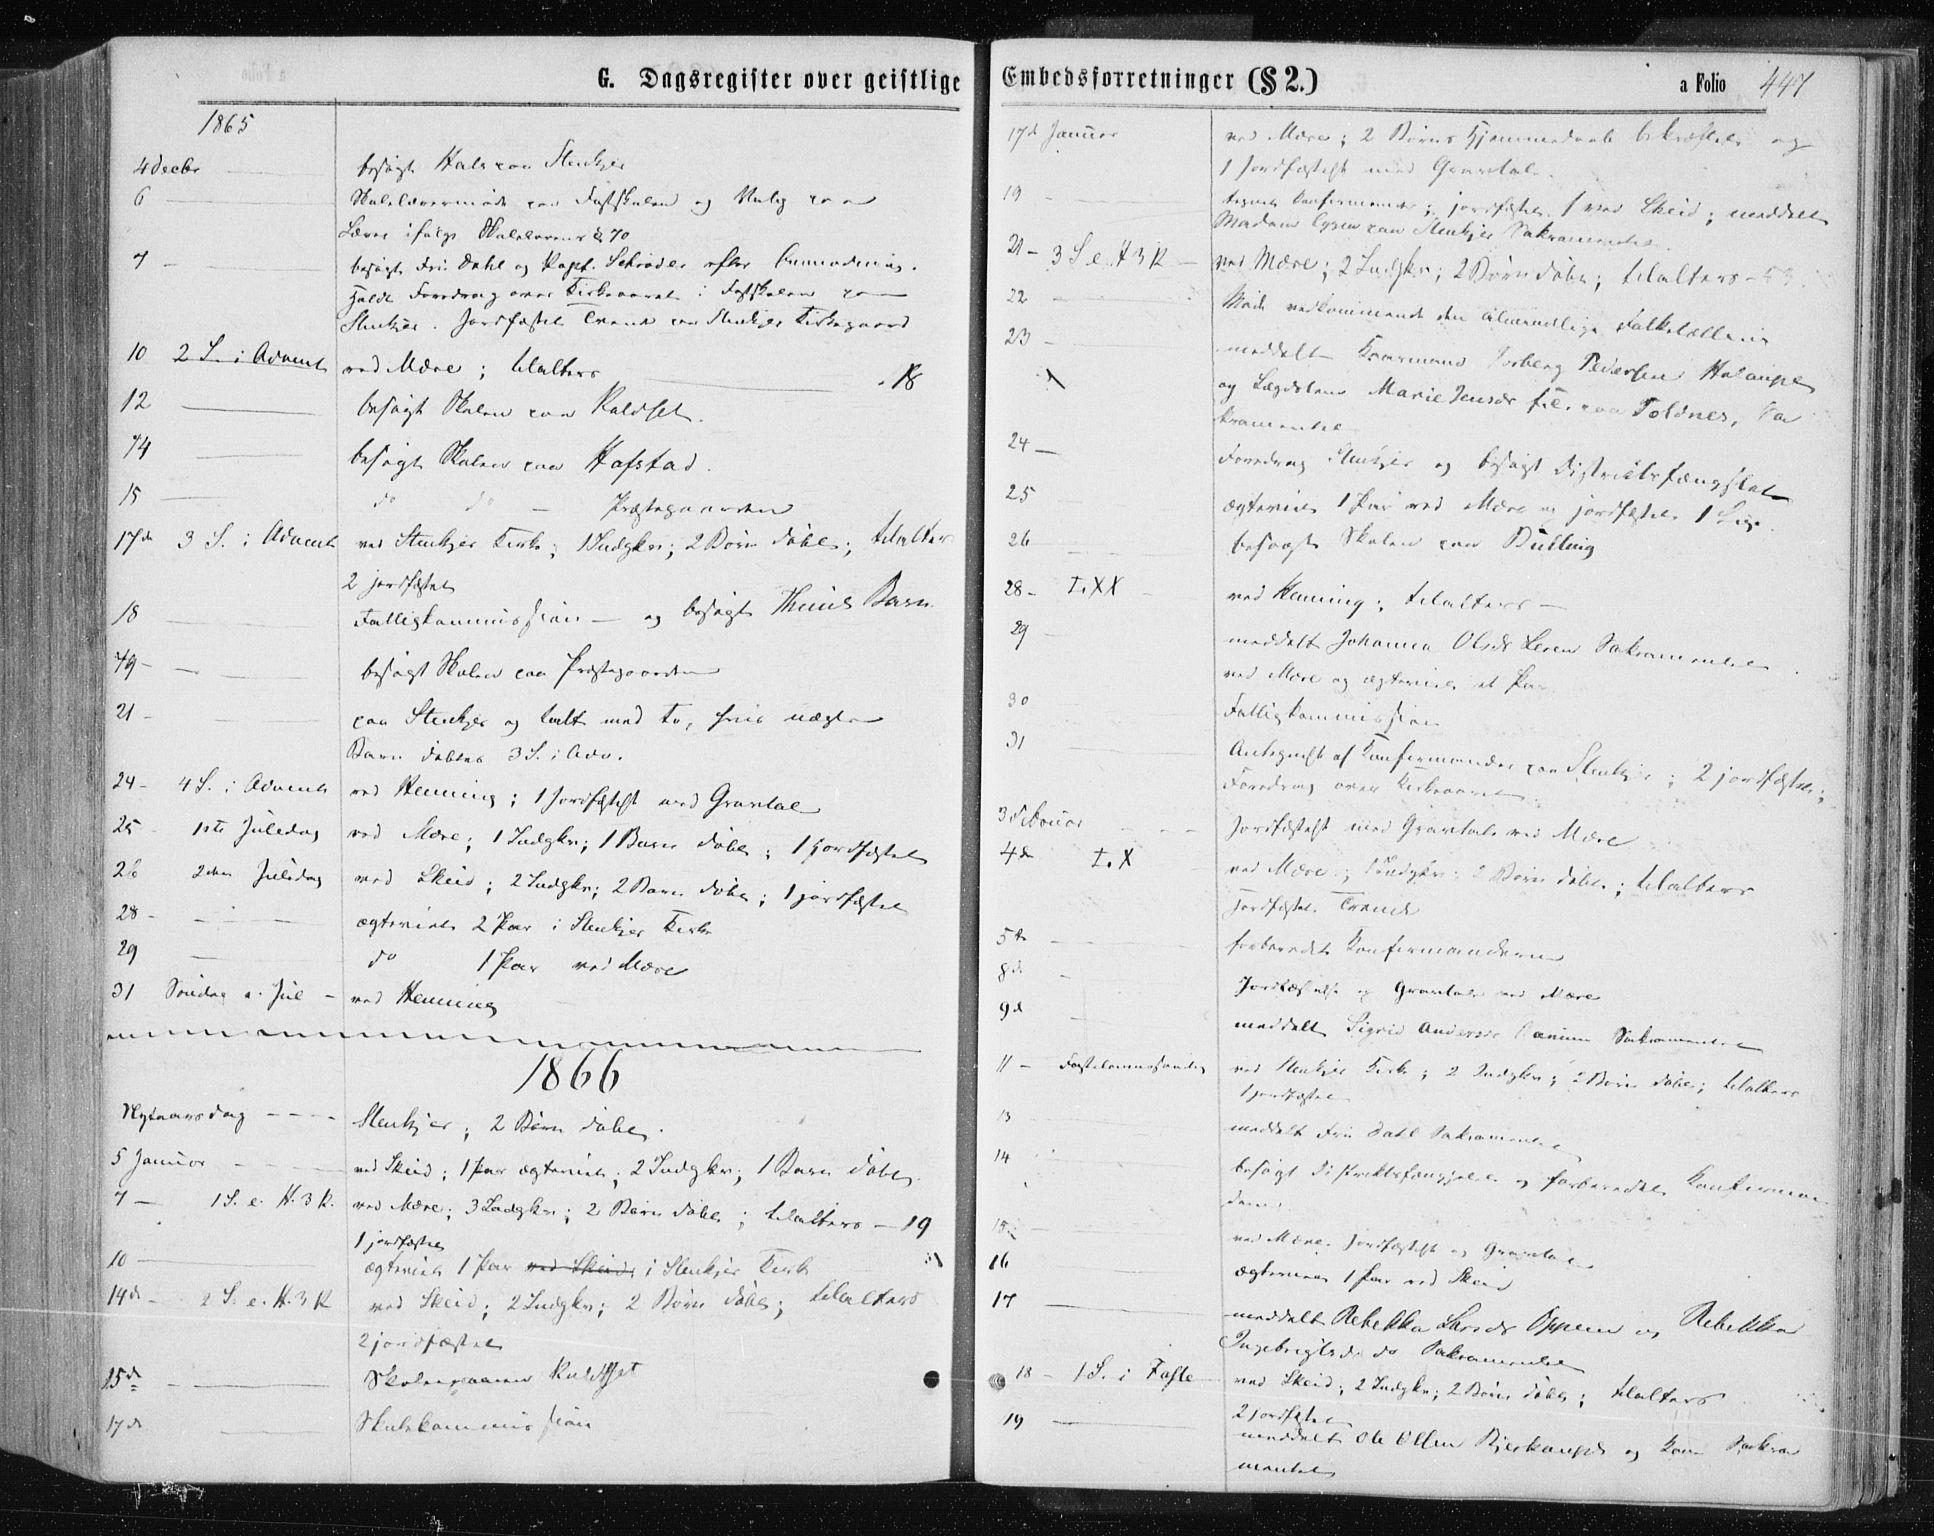 SAT, Ministerialprotokoller, klokkerbøker og fødselsregistre - Nord-Trøndelag, 735/L0345: Ministerialbok nr. 735A08 /1, 1863-1872, s. 447